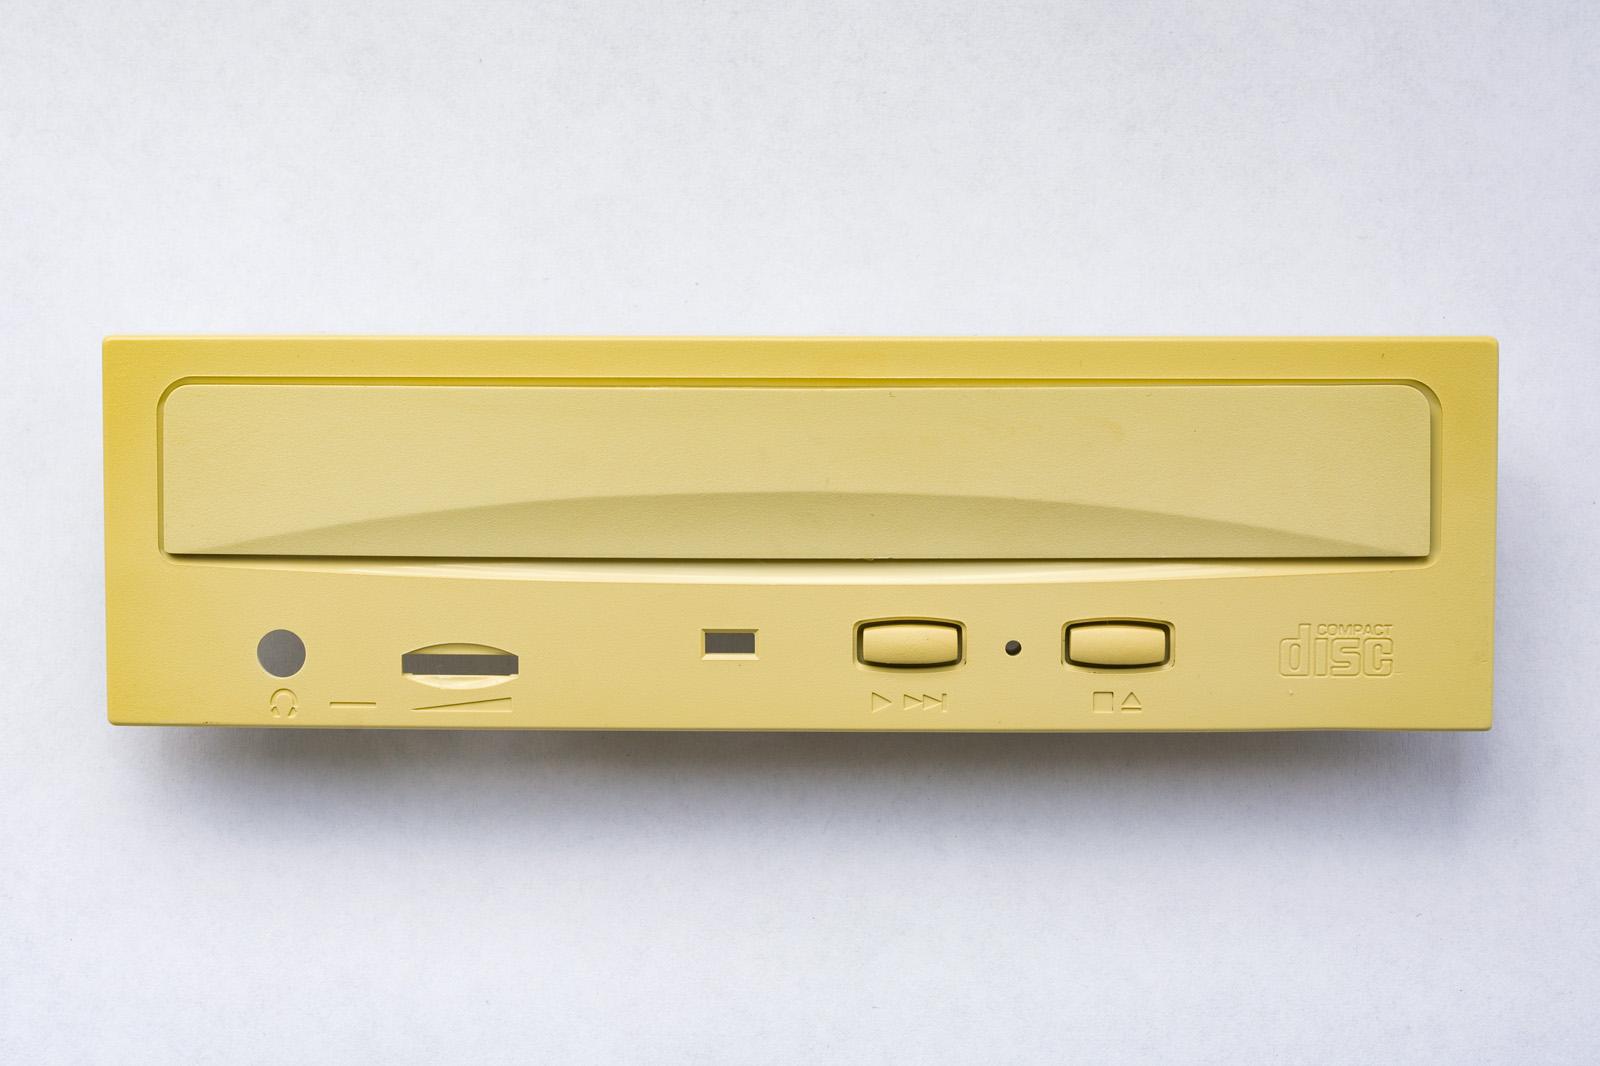 Рис. 8. Привод CD-ROM с аппаратными кнопками. Когда-то я делал на основе такого проигрыватель